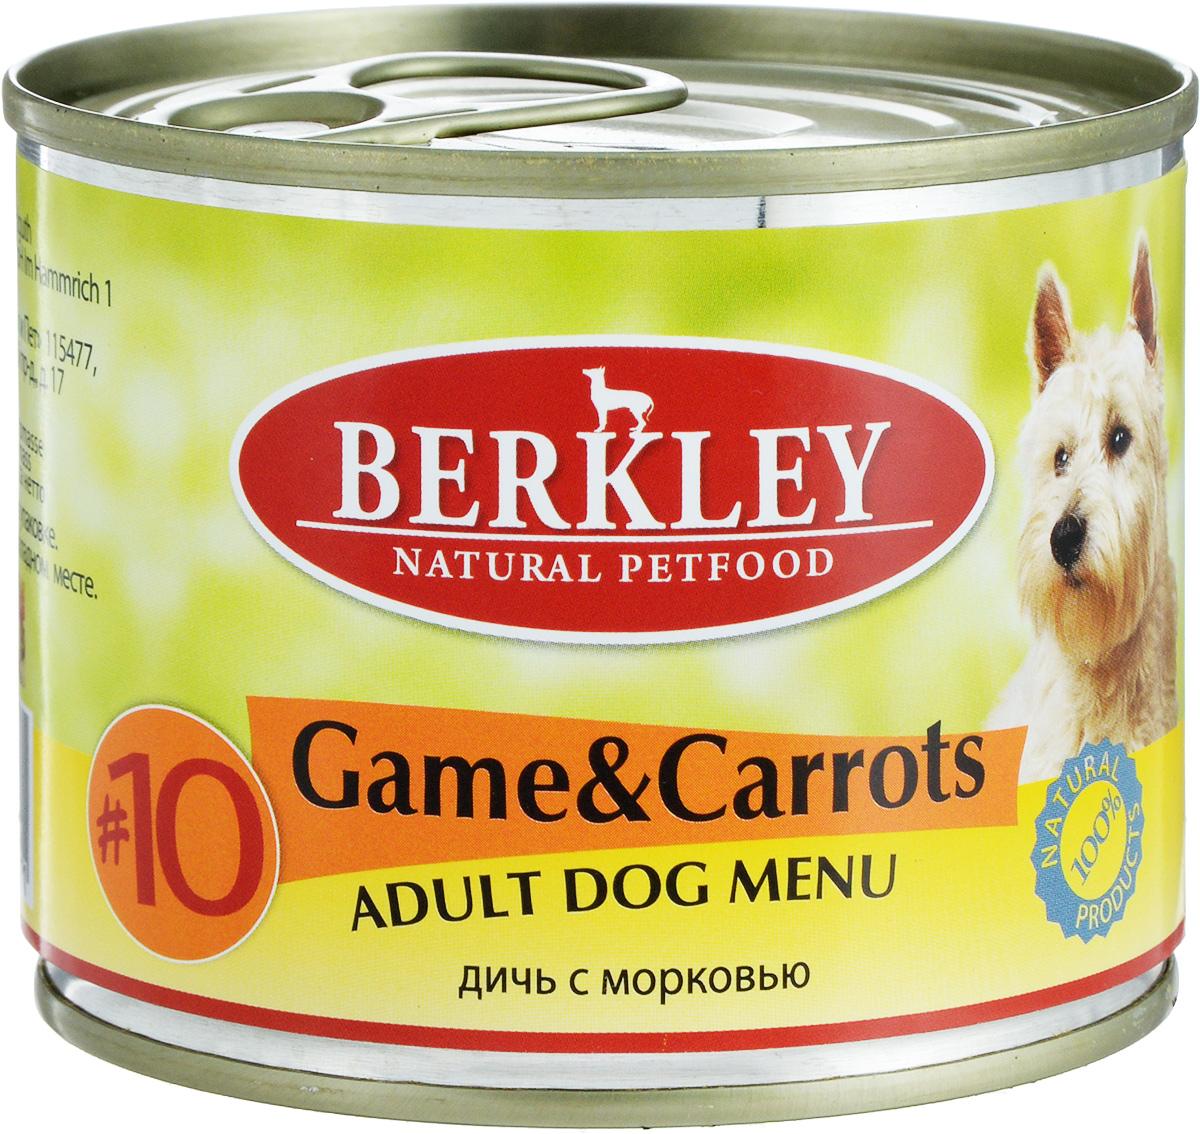 Консервы для собак Berkley №10, оленина с морковью, 200 г102.418Консервы Berkley №10 - полноценное консервированное питание для собак. Не содержат сои, консервантов, искусственных красителей и ароматизаторов. Корм полностью удовлетворяет ежедневные энергетические потребности животного и обеспечивает оптимальное функционирование пищеварительной системы.Товар сертифицирован.